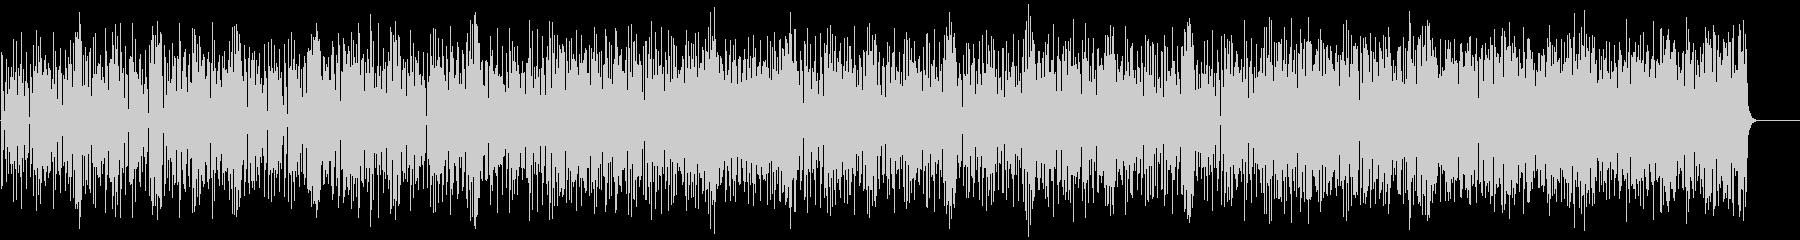 ファッショナブルなポップ/フュージョンの未再生の波形